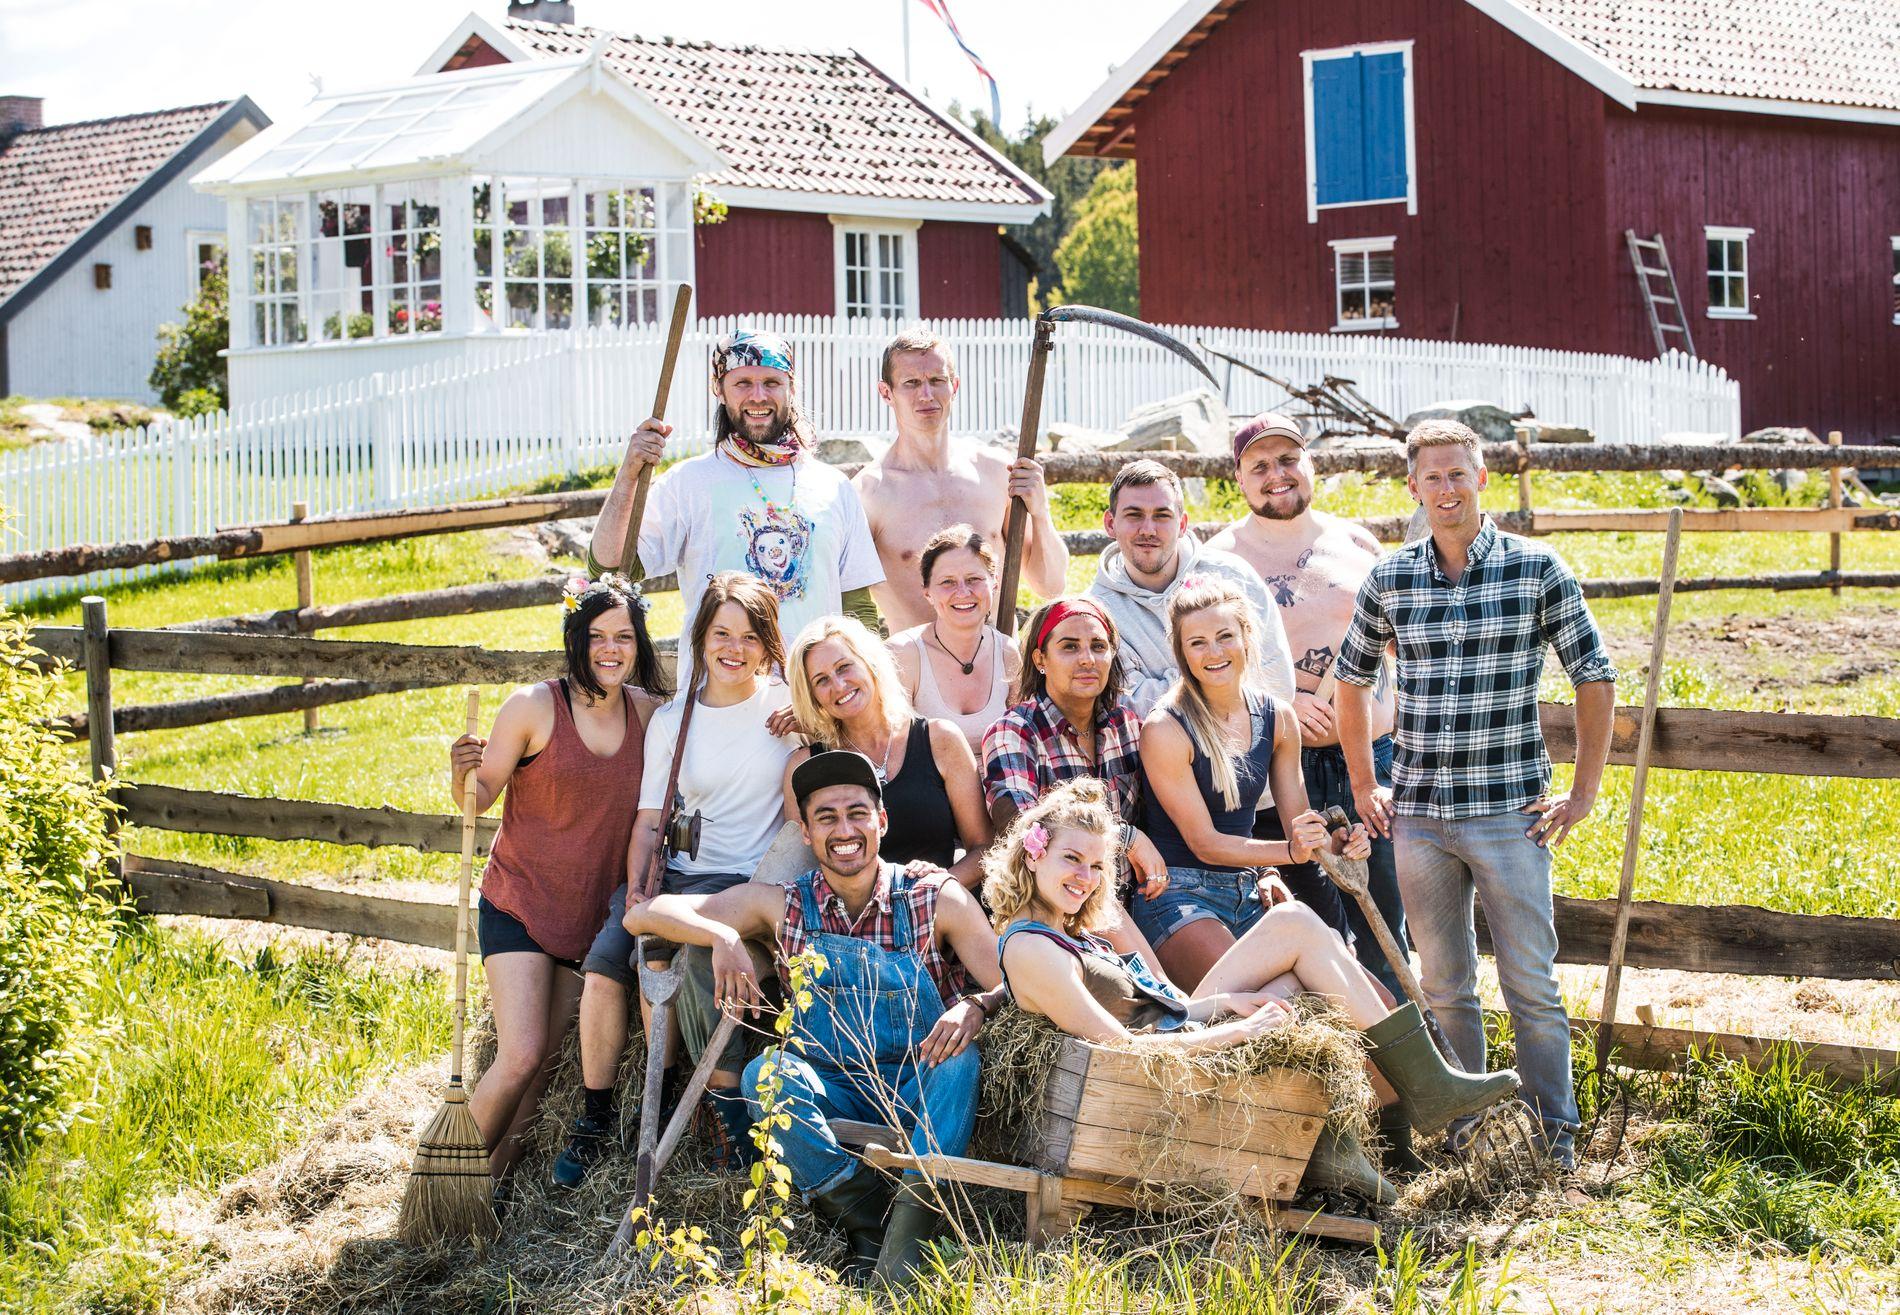 KONKURRENTER: Denne gjengen flyttet inn på «Farmen kjendis»-gården i Halden for to uker siden.